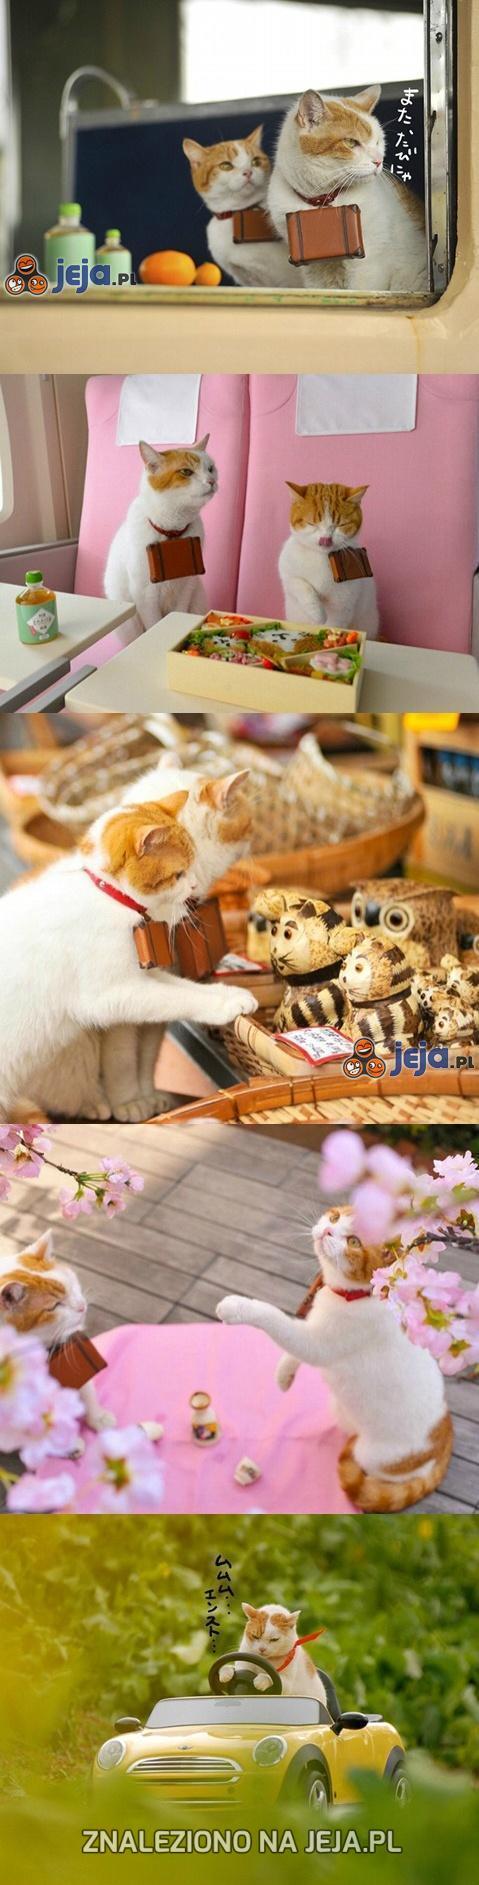 Kociaki w podróży